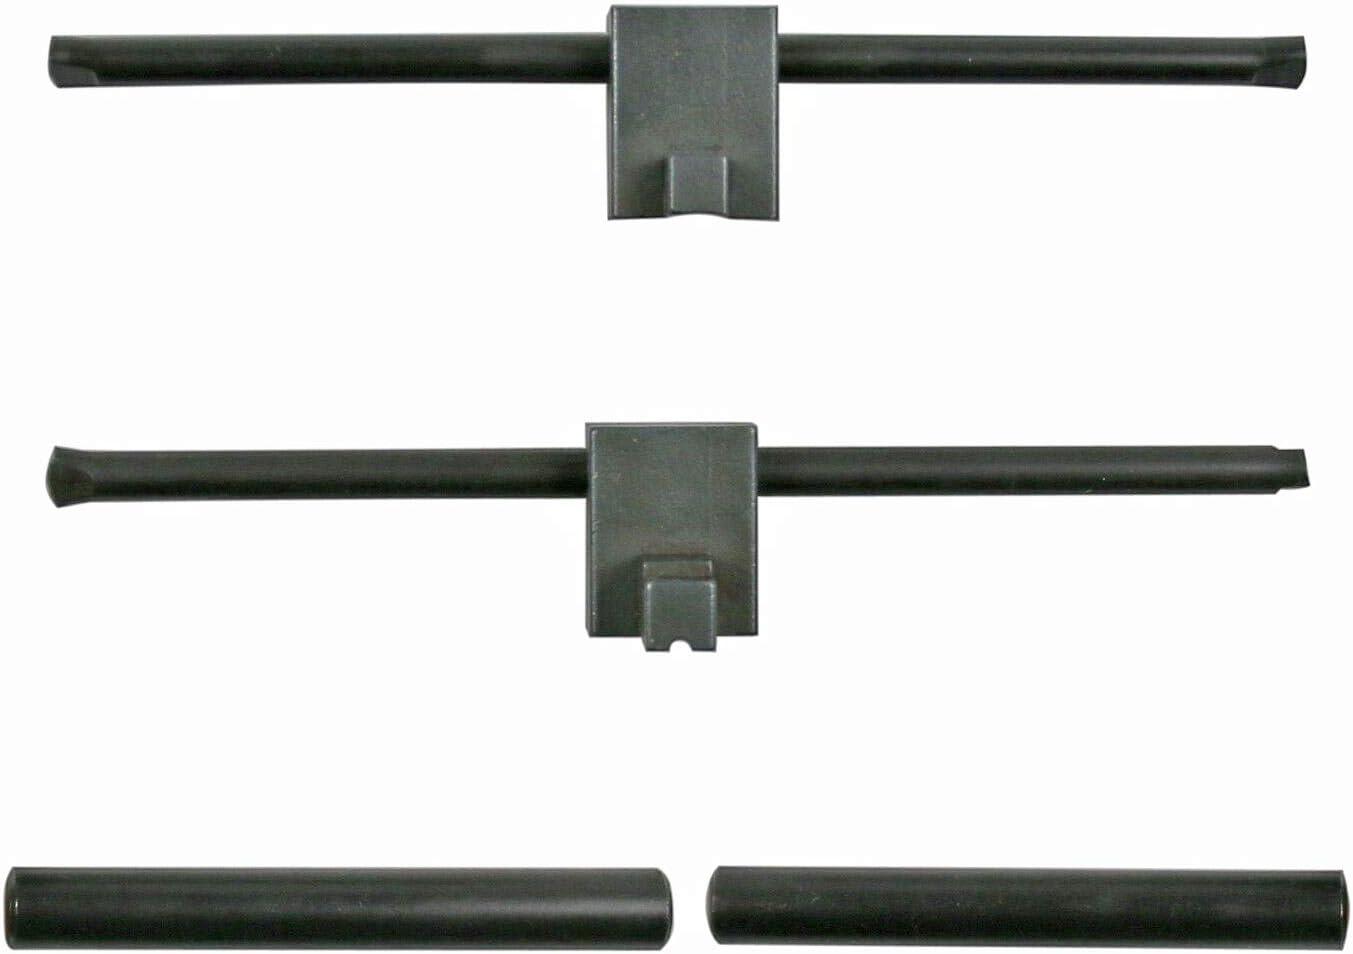 Conjunto de herramientas para calado de distribucion de PSA Citroen Peugeot Land rover Mitsubishi, Lancia motores DIESEL HDI y GASOLIN HPI 1.0 a 2.5: Amazon.es: Bricolaje y herramientas